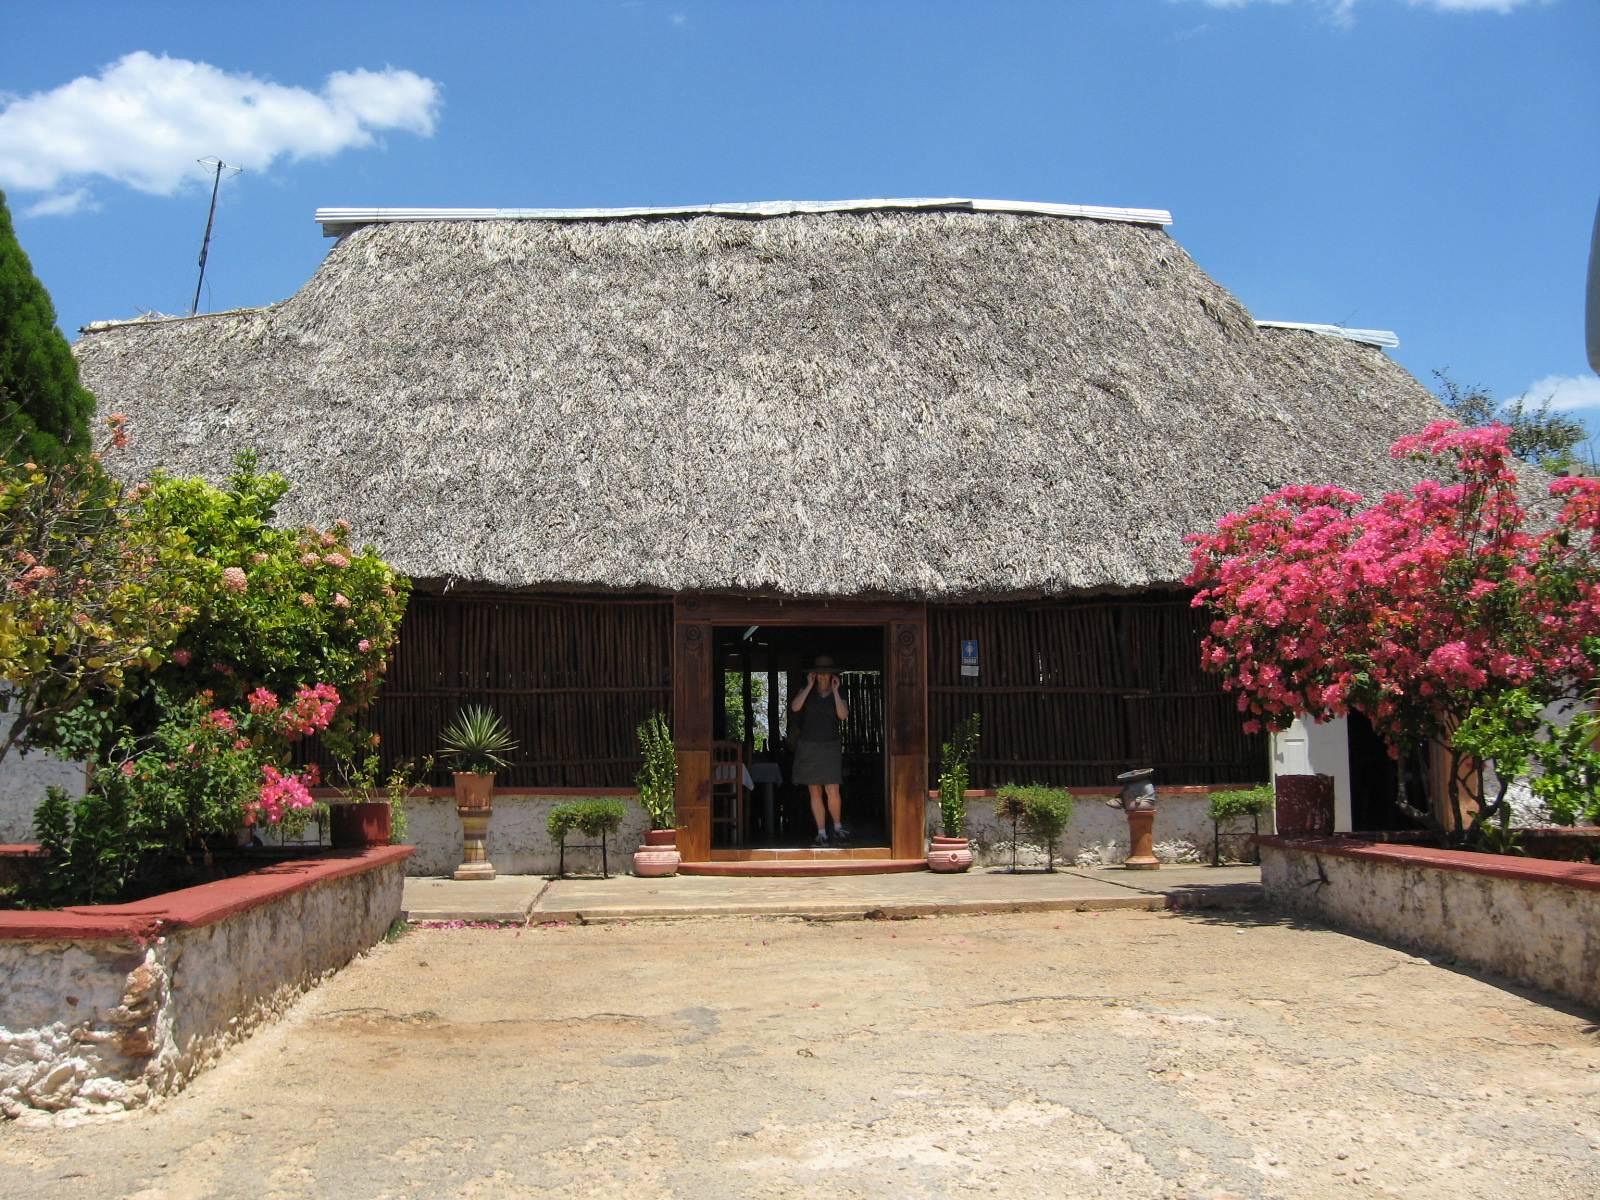 Restaurant Outside Uxmal